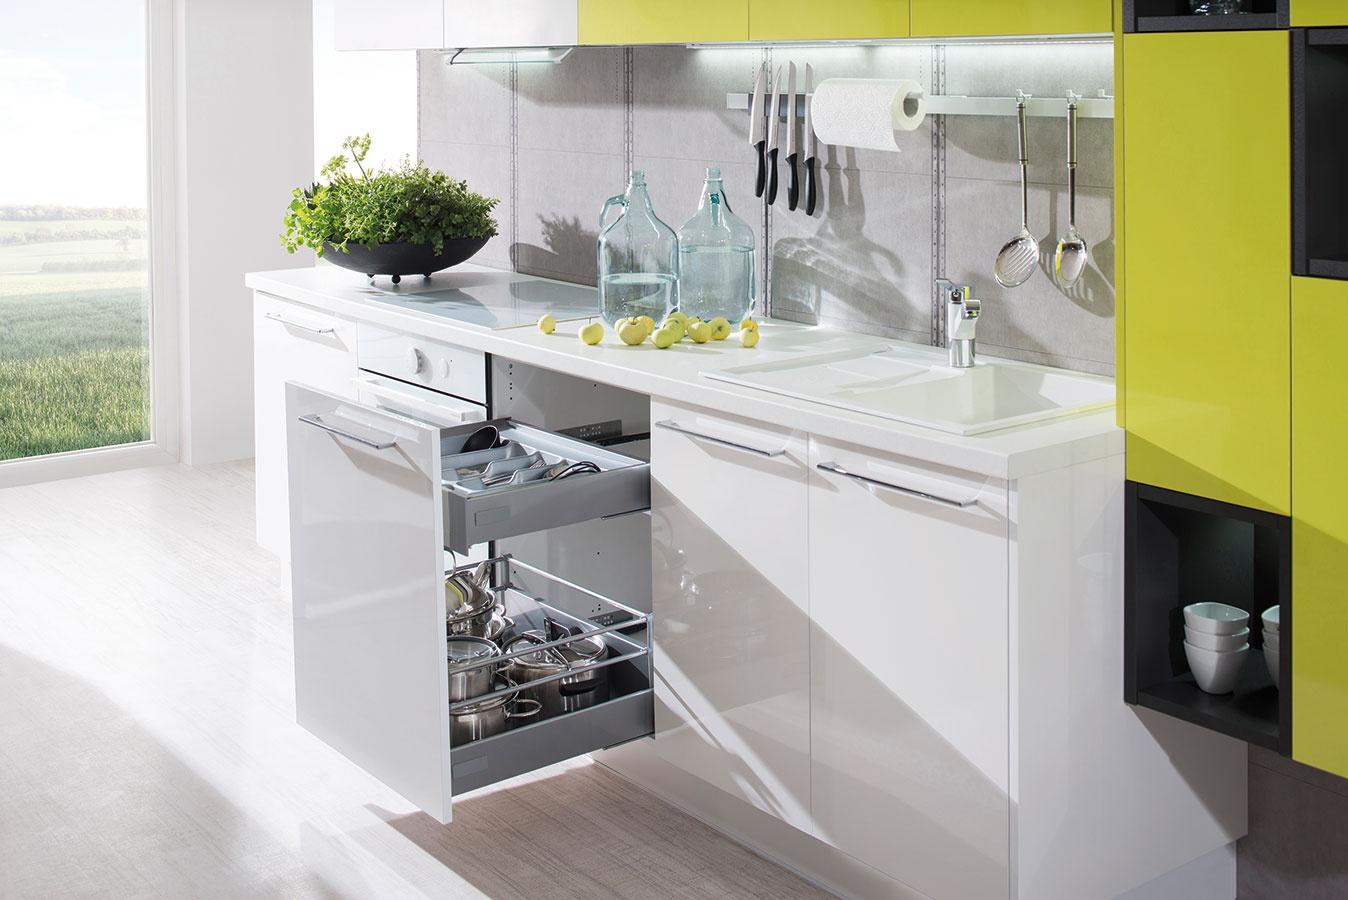 Závesné lišty, tyče a koše sú obľúbeným odkladacím priestorom a možno ich osadiť takmer po celej dĺžke kuchynskej linky. Poslúžia na odloženie kuchynského náradia, koreničiek, dosiek na krájanie, chňapiek i kuchárskych kníh.